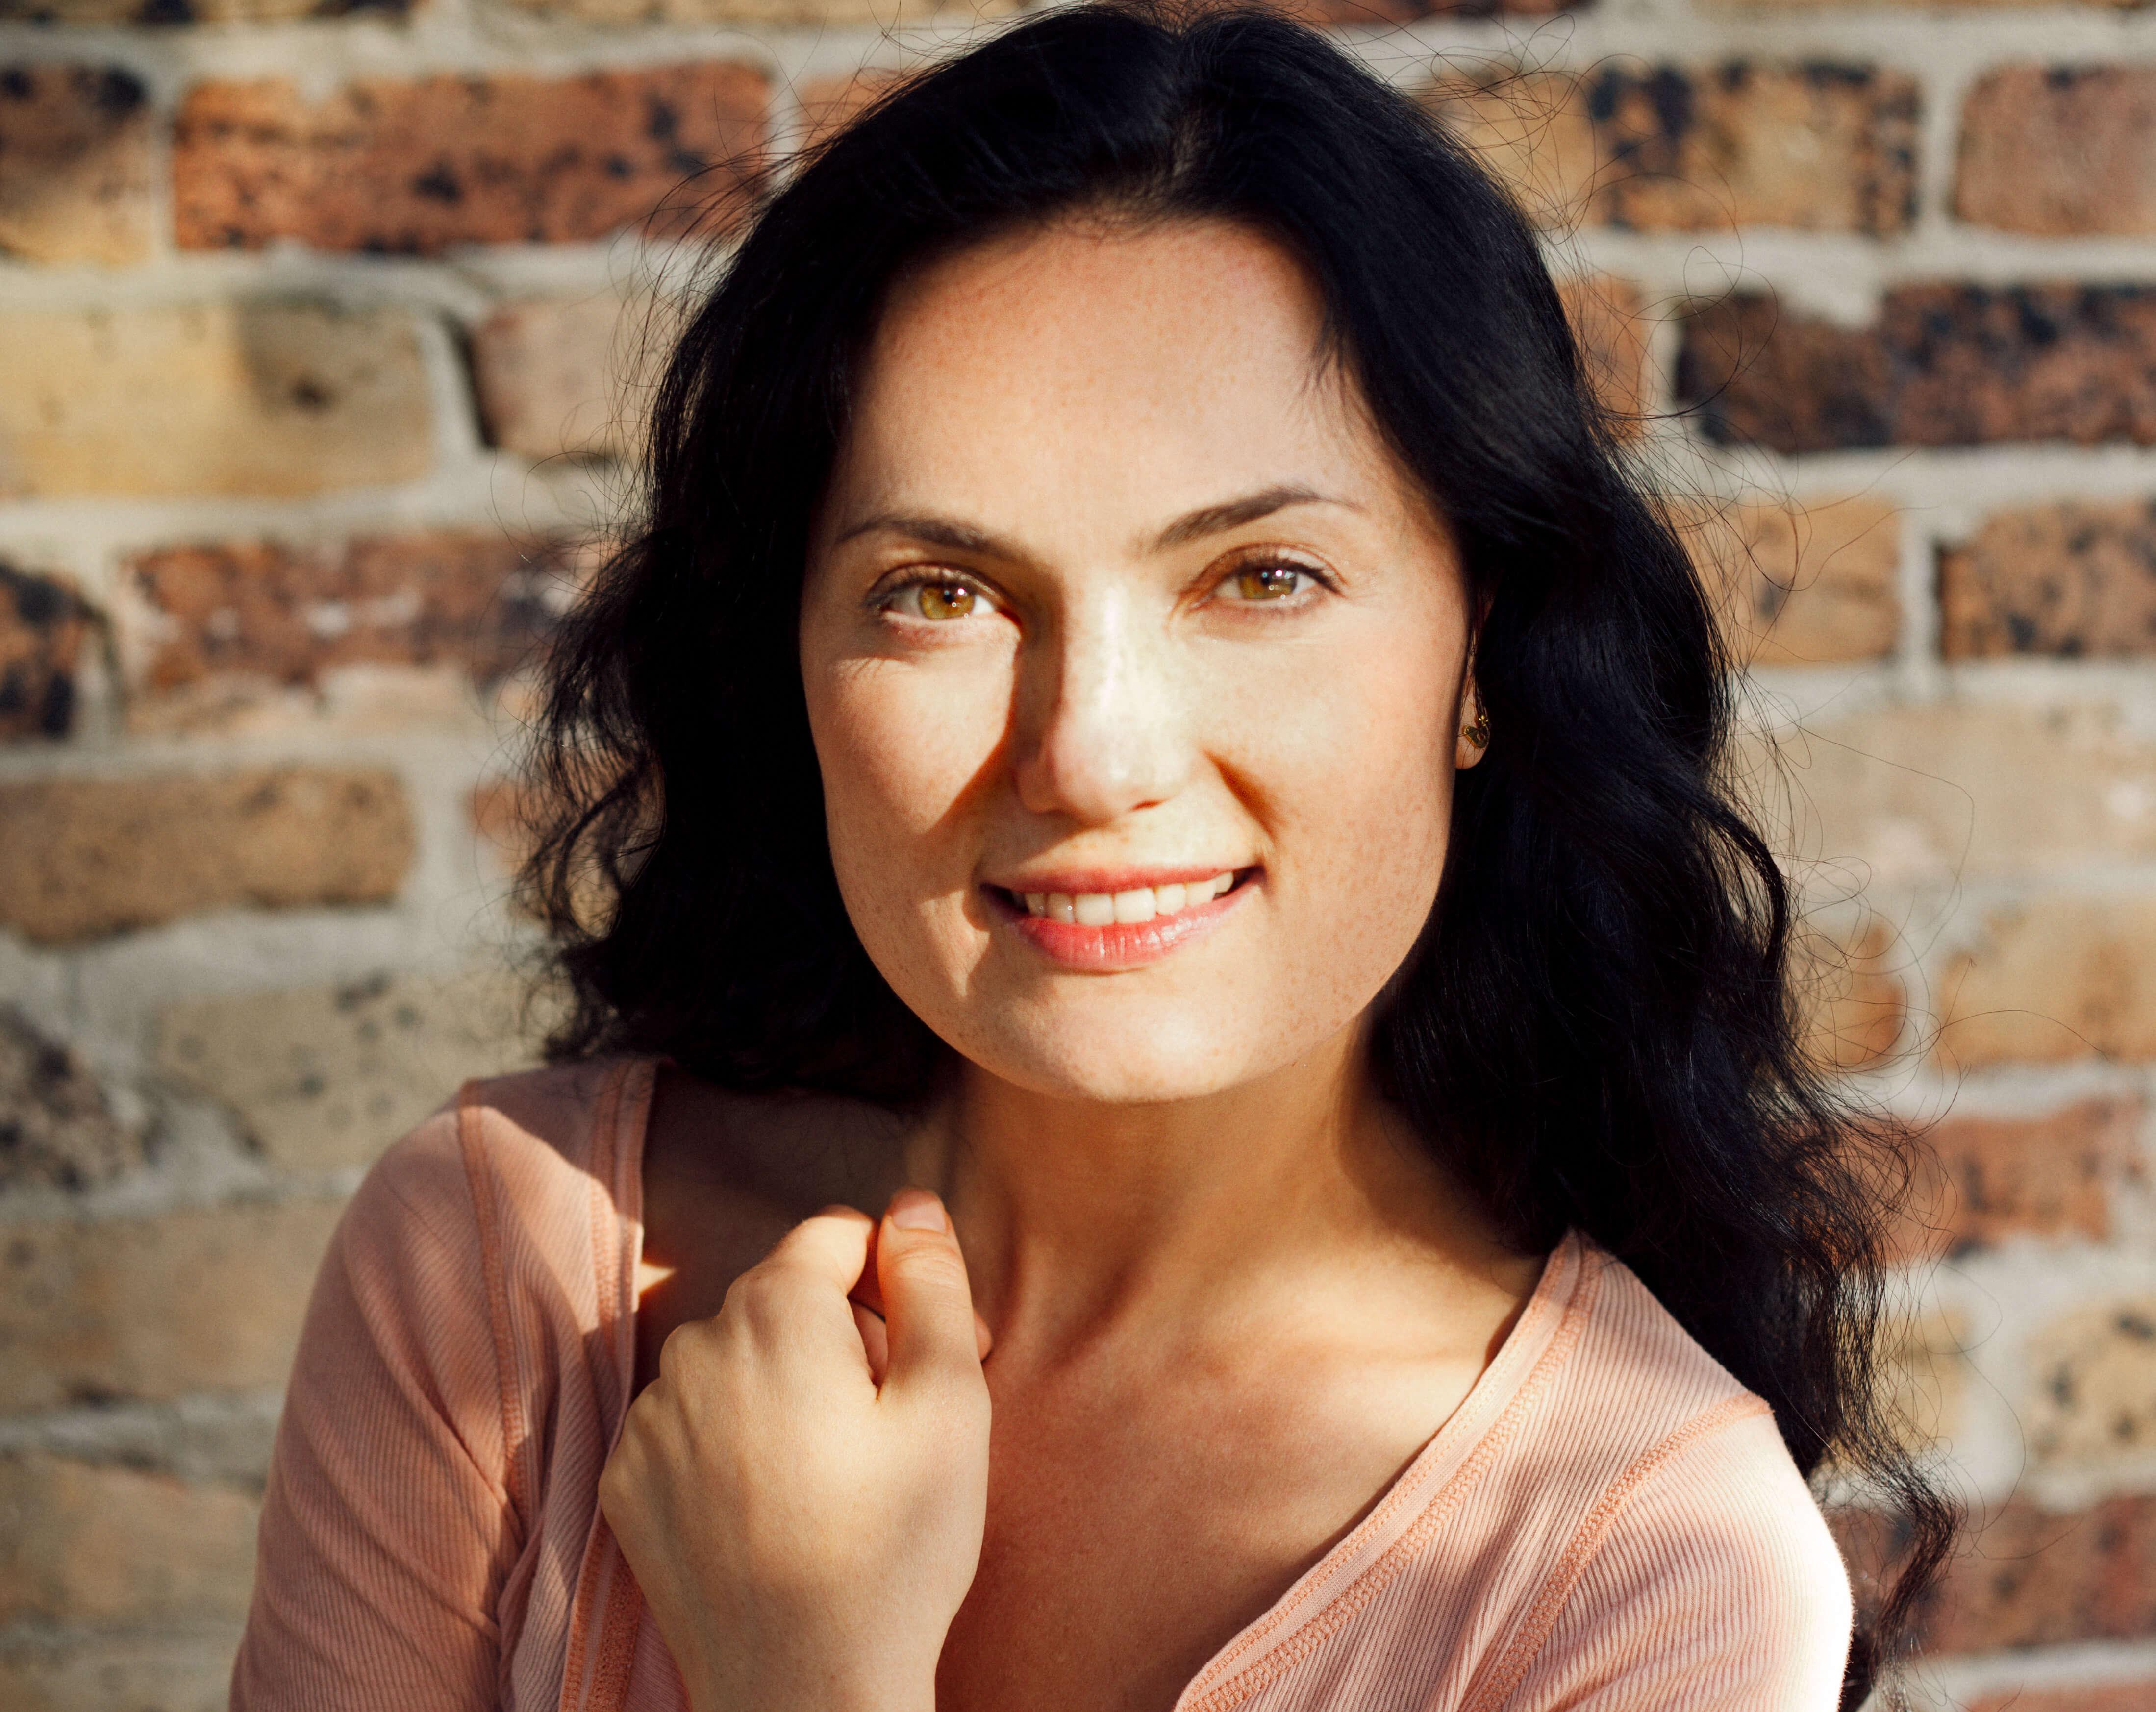 """Anmeldelse: Yogaworkshop """"Pranas melodi"""" med Elena Mironov"""